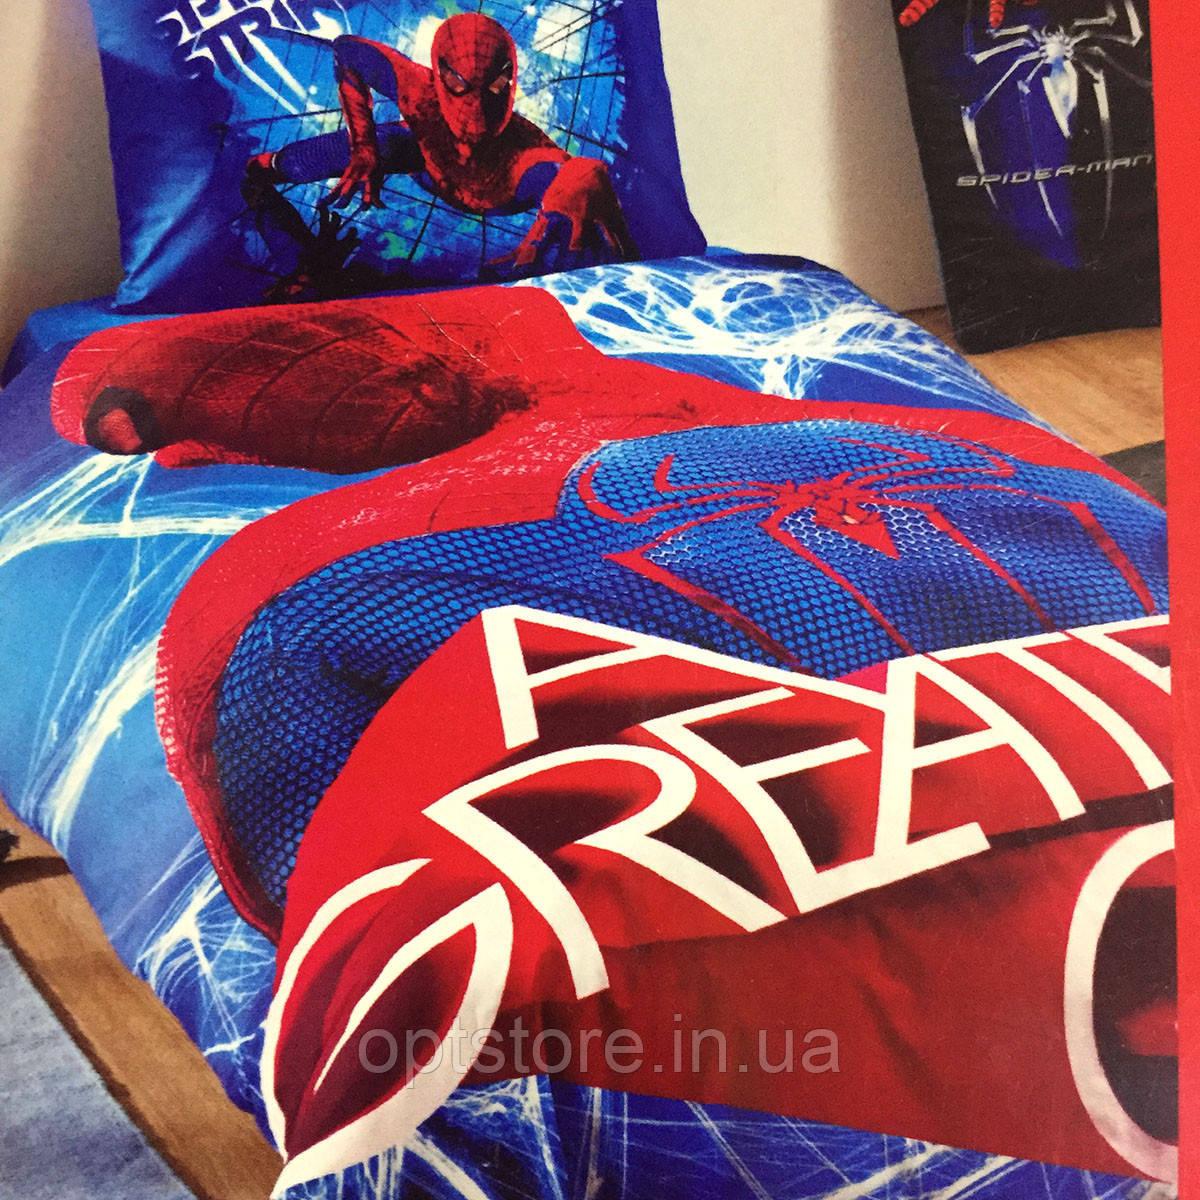 Дитяче та підліткове постільна білизна TAC Spiderman ранфорс / простирадло на гумці